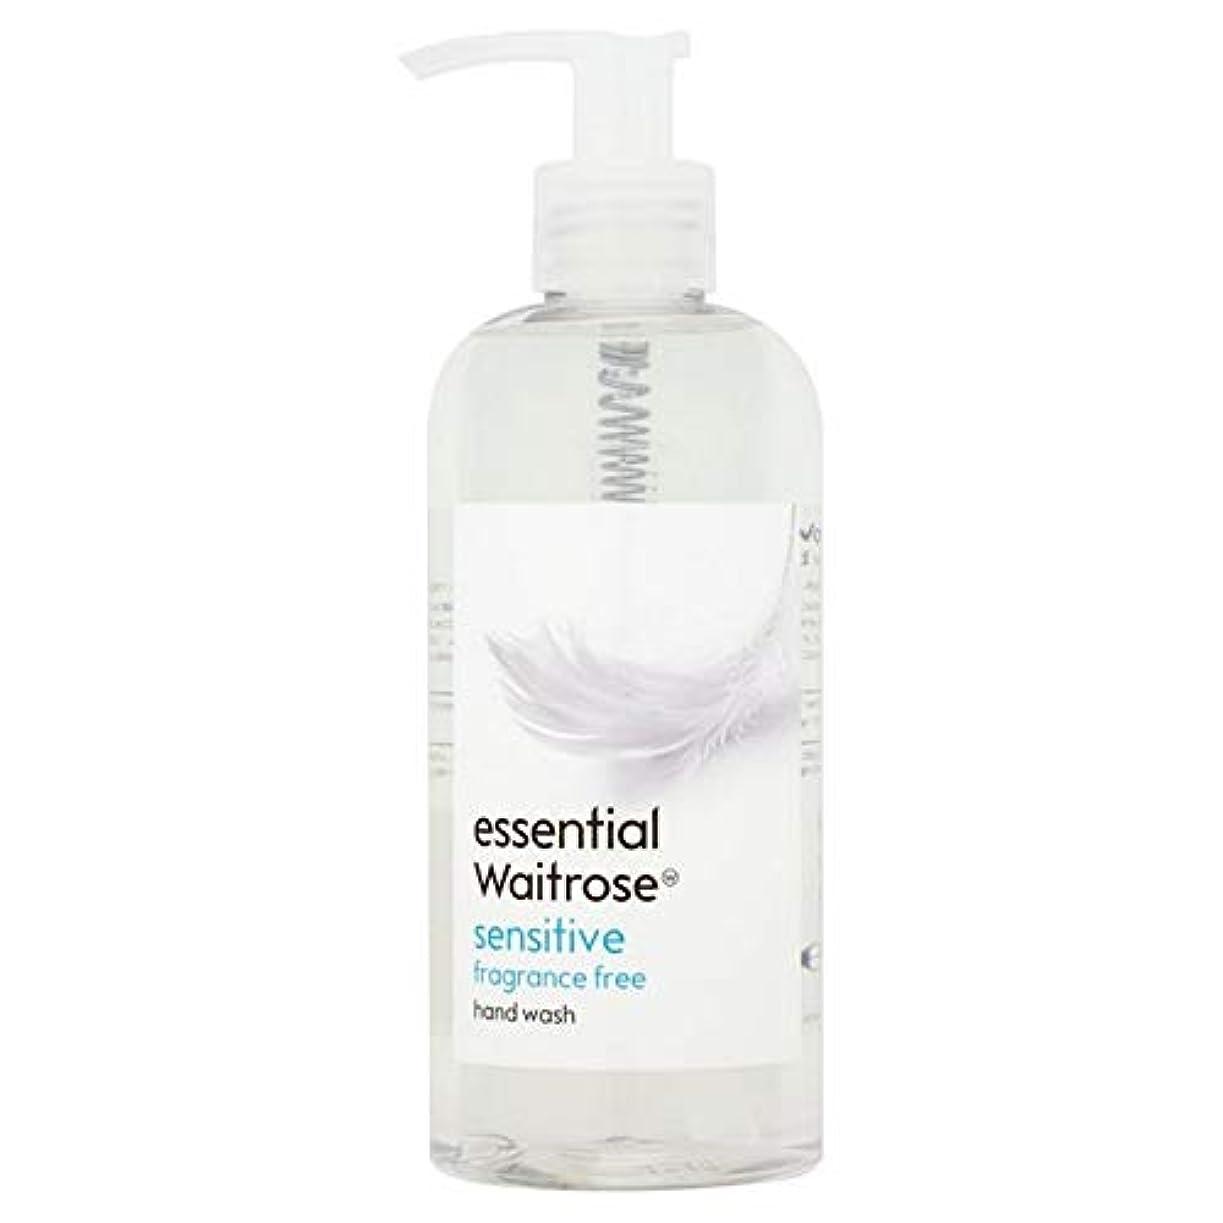 陰気ブラザーバランス[Waitrose ] 基本的なウェイトローズのハンドウォッシュ敏感な300ミリリットル - Essential Waitrose Hand Wash Sensitive 300ml [並行輸入品]